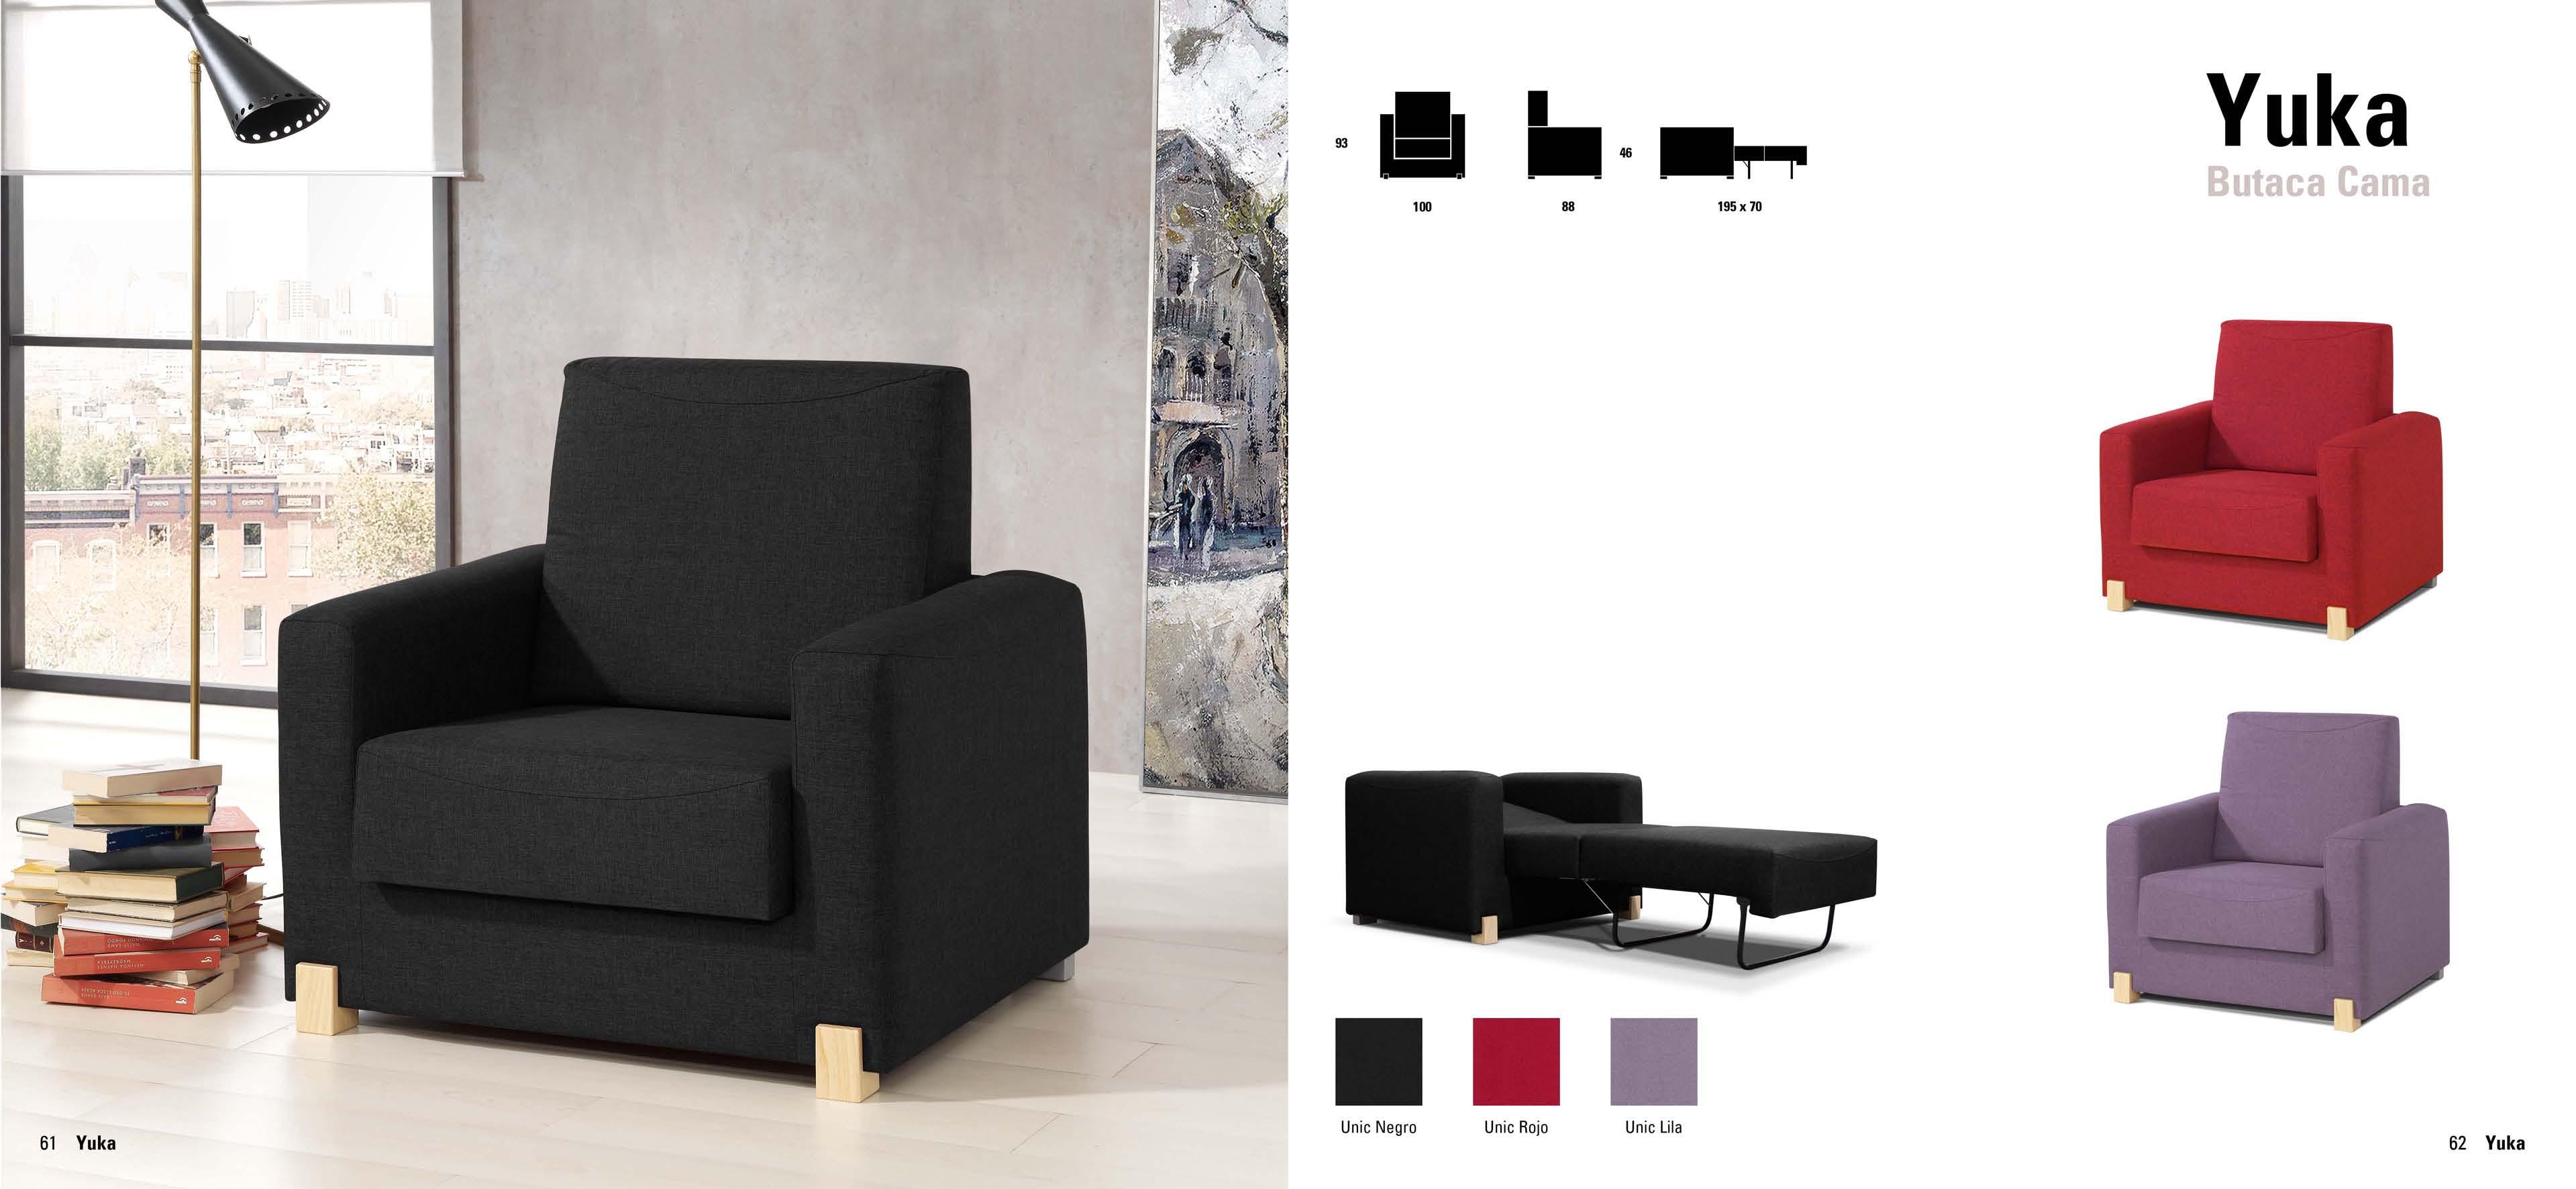 Sof cama 1 plaza muebles adama tienda de muebles en madrid for Sillon cama de 2 plazas